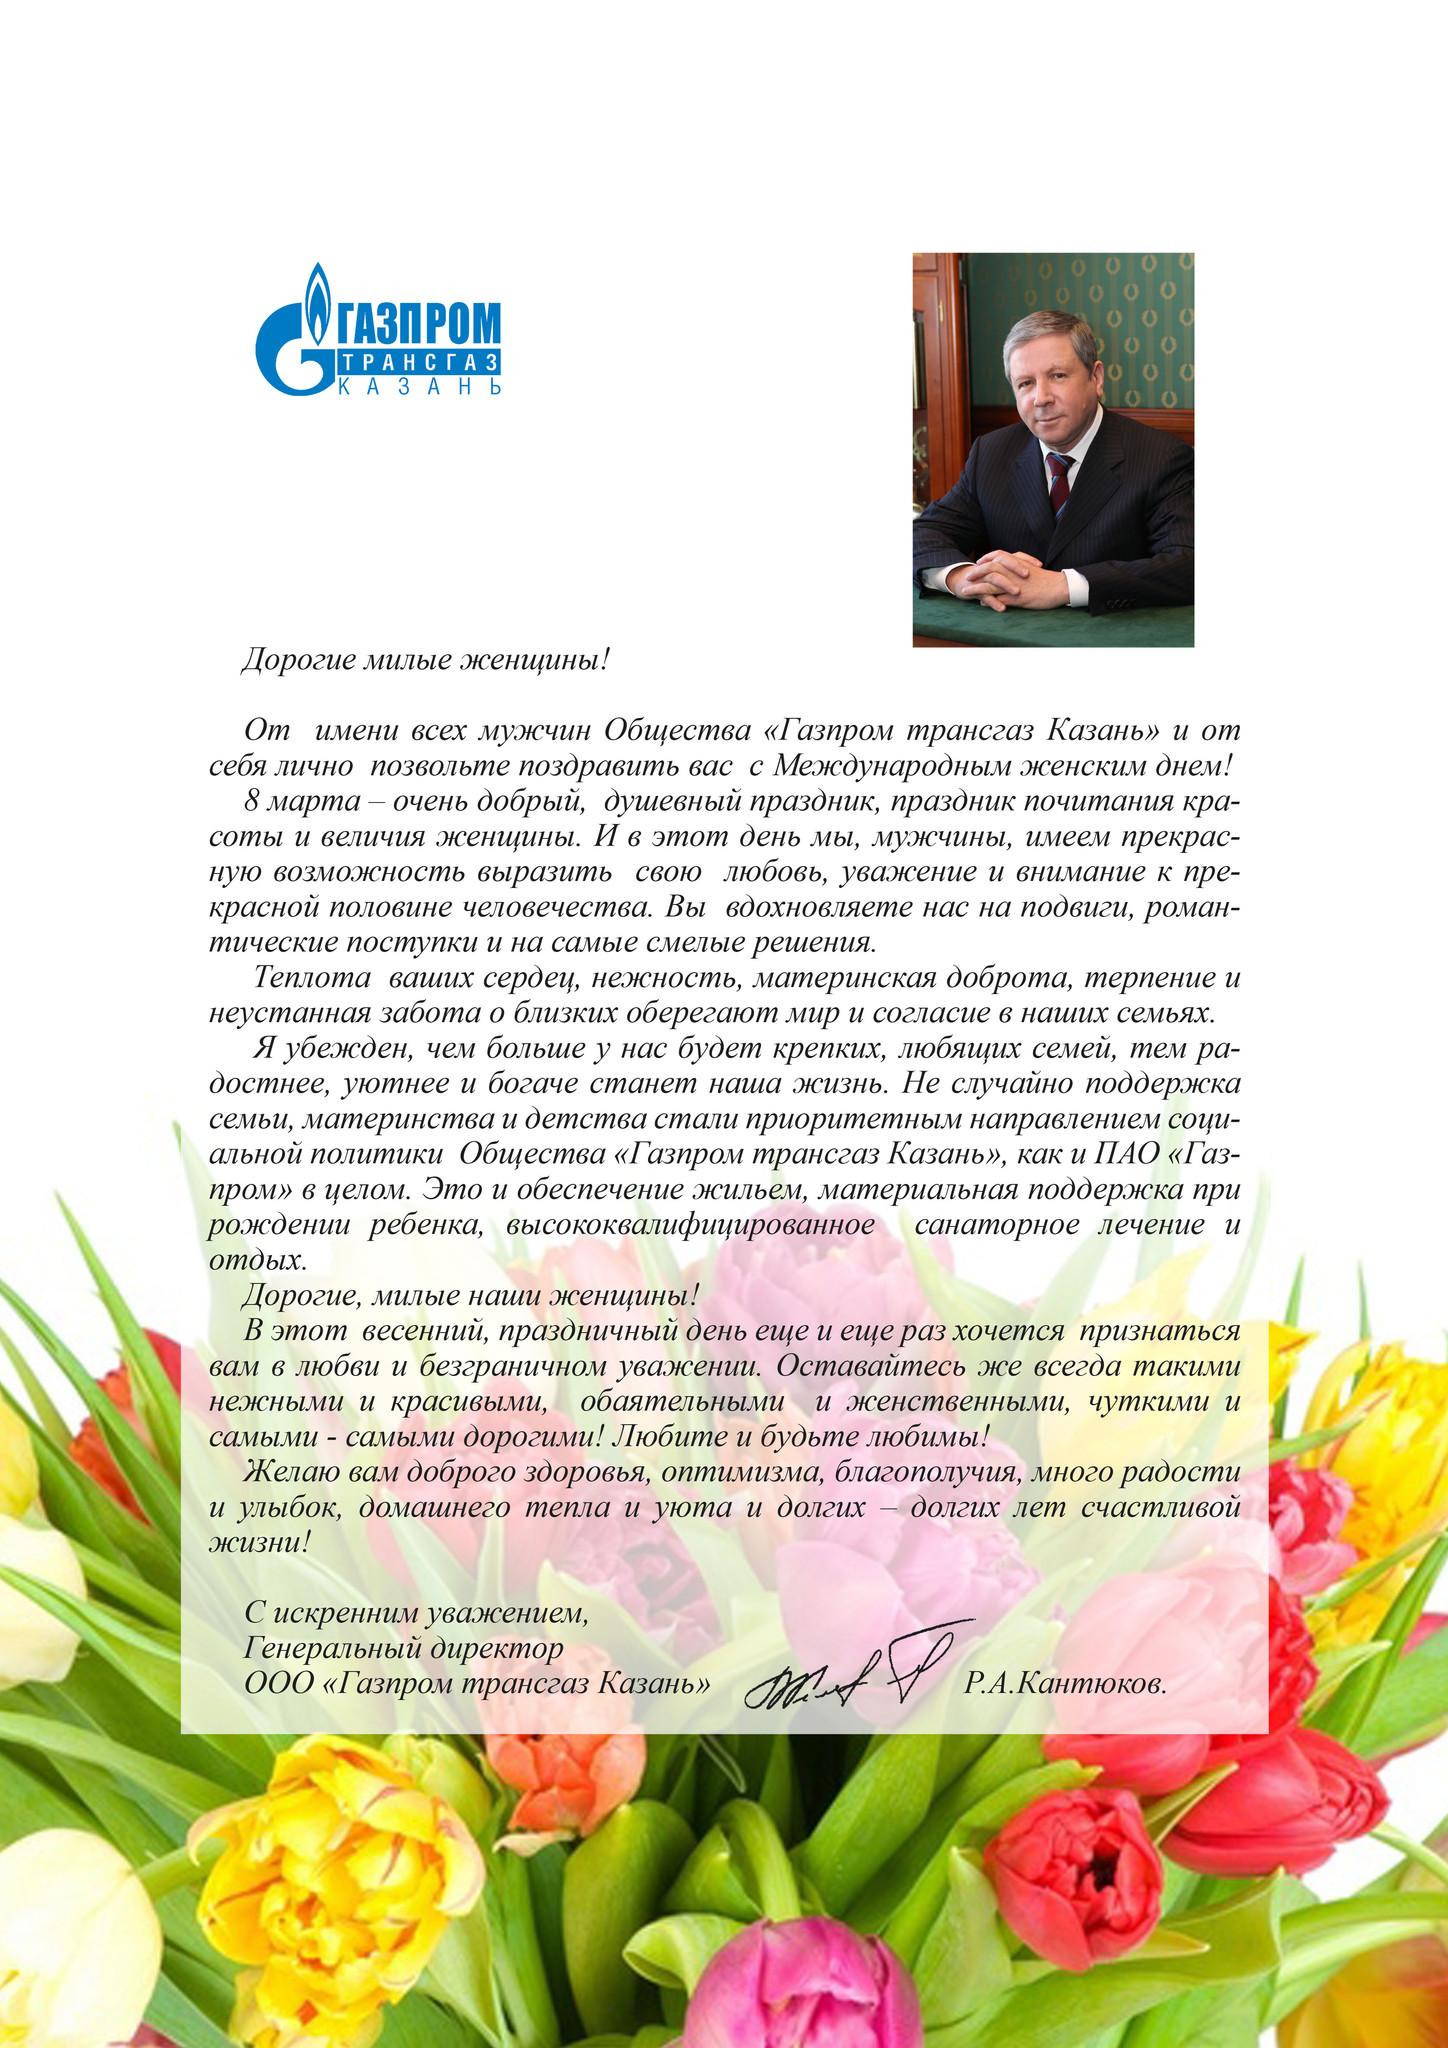 Официальные поздравления с днем рождения генеральному директору в прозе